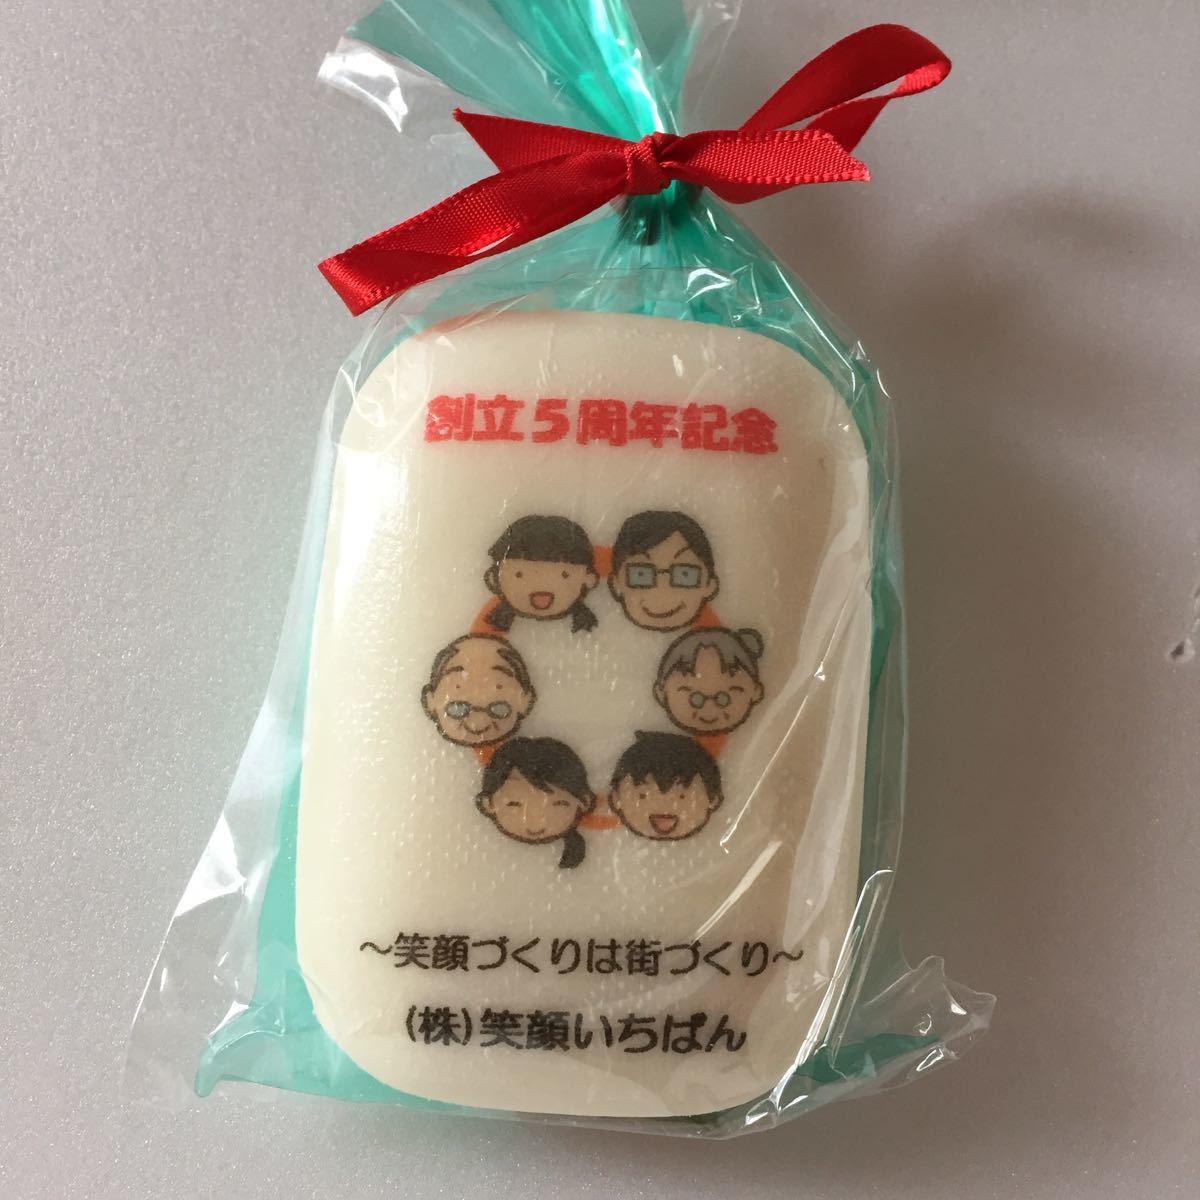 雑貨 せっけん 石鹸 新品 景品 非売品 販促品 ノベルティーグッズ 日本製 創立5周年記念 笑顔づくりは街づくり (株)笑顔いちばん_画像1